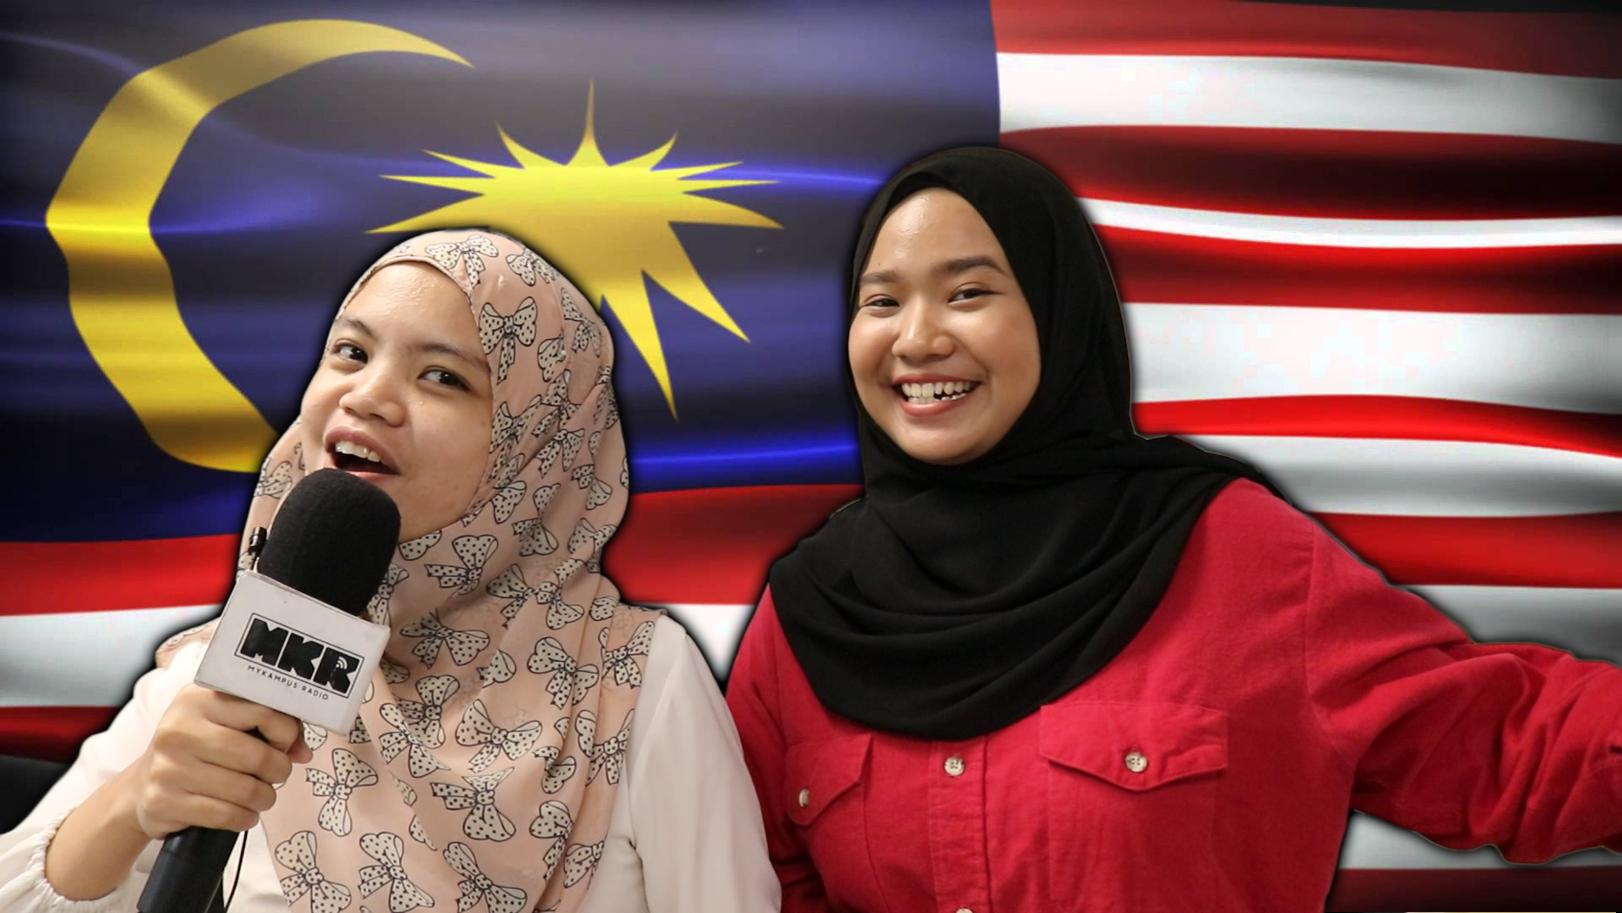 Orang Malaysia Cukup 'Malaysia' ke?